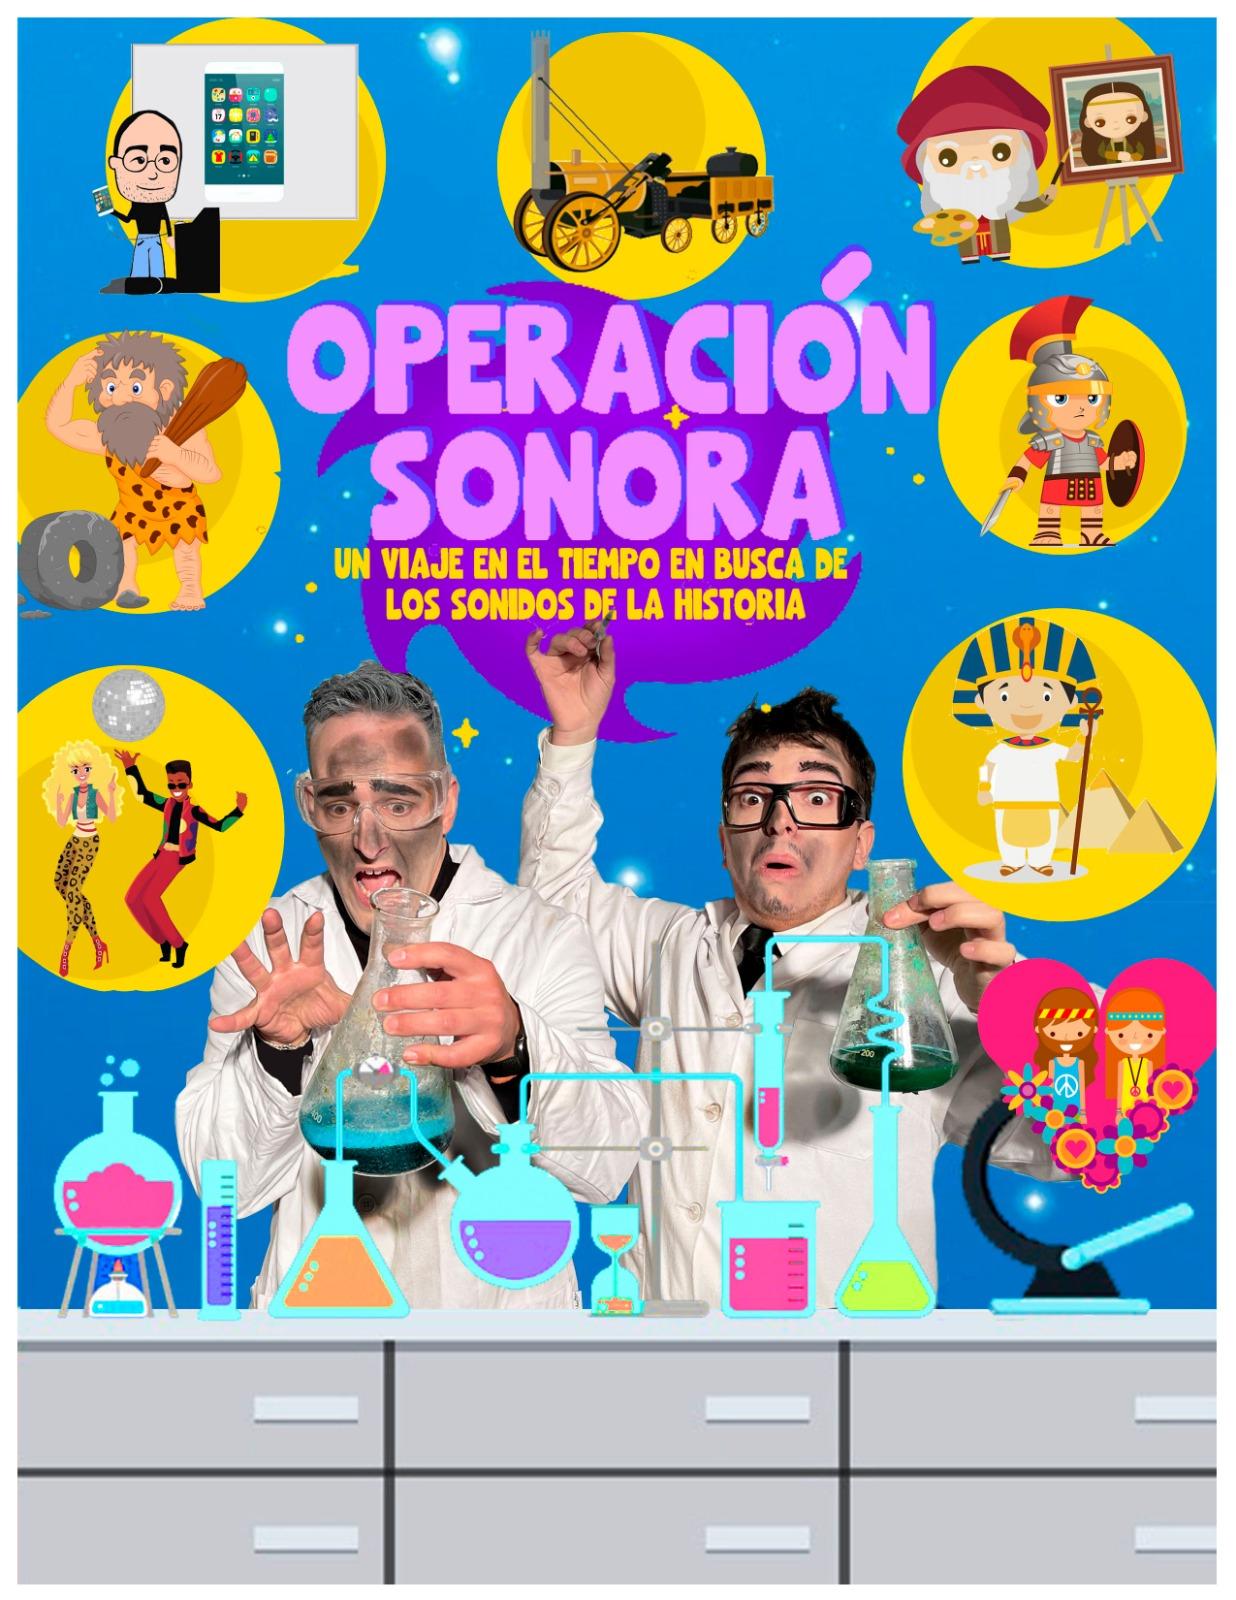 OPERACIÓN SONORA | Teatro